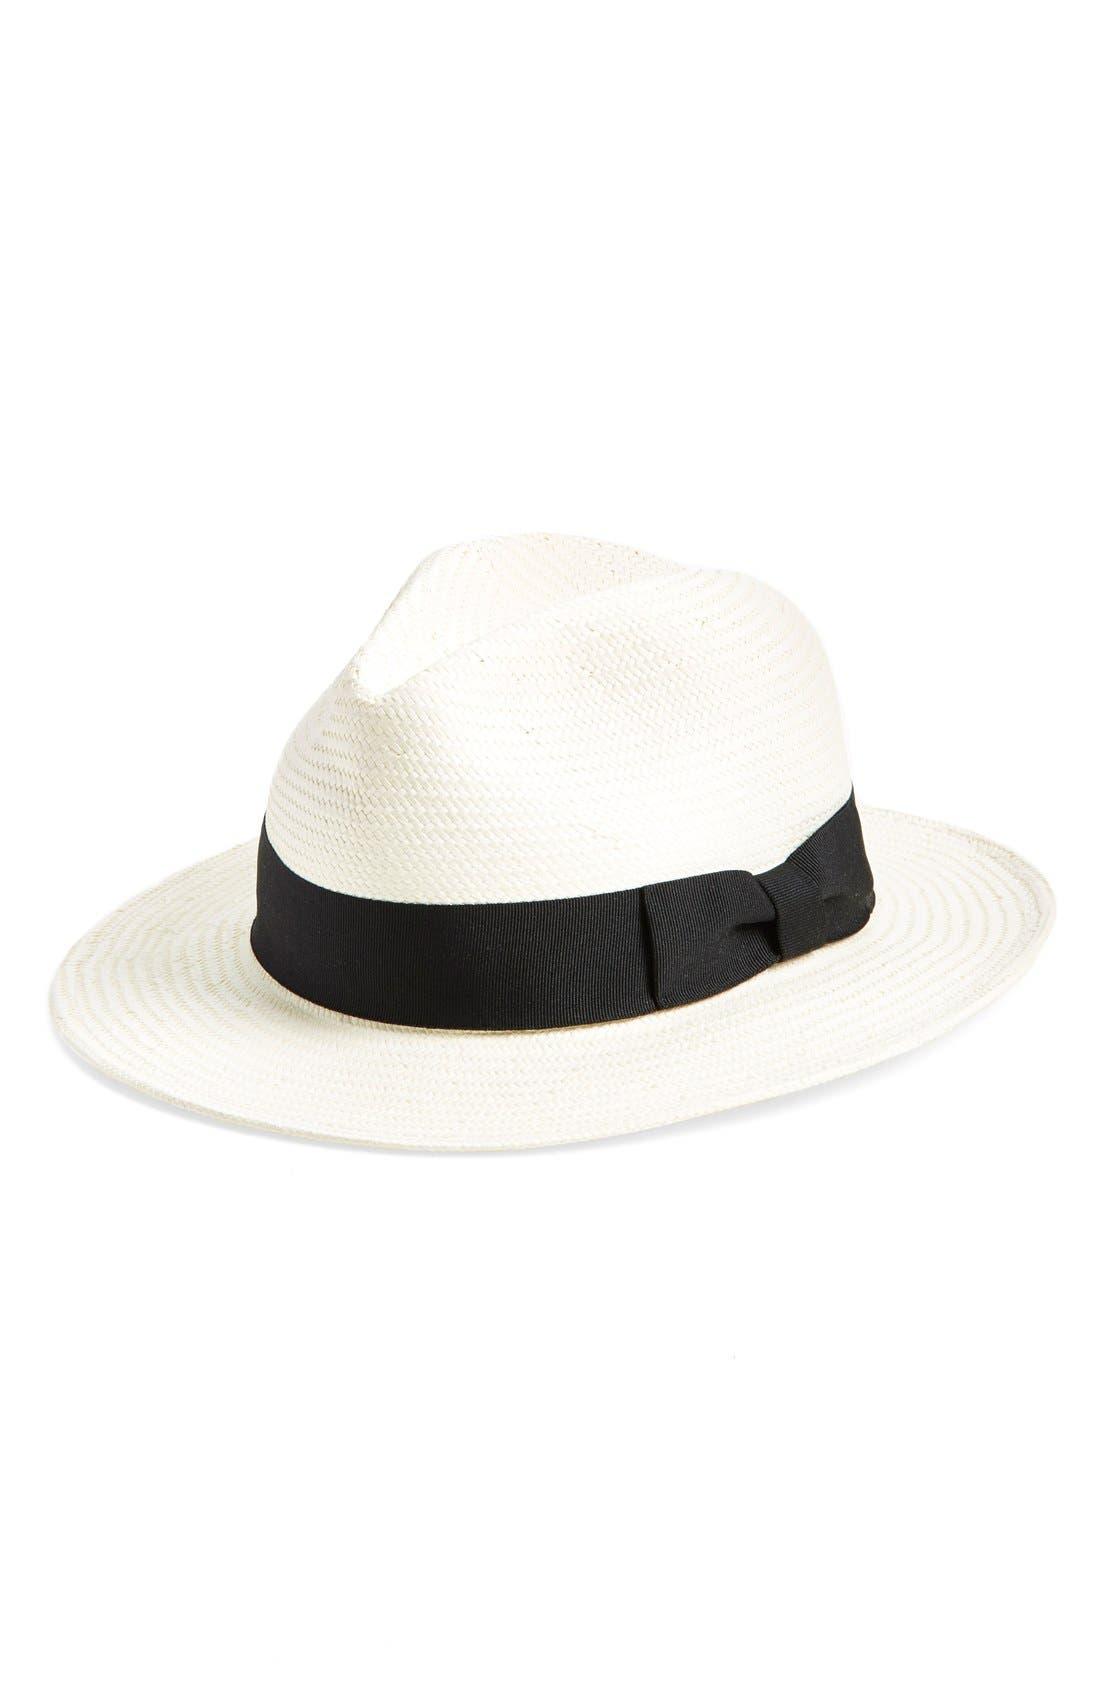 MADEWELL, Panama Hat, Main thumbnail 1, color, 250